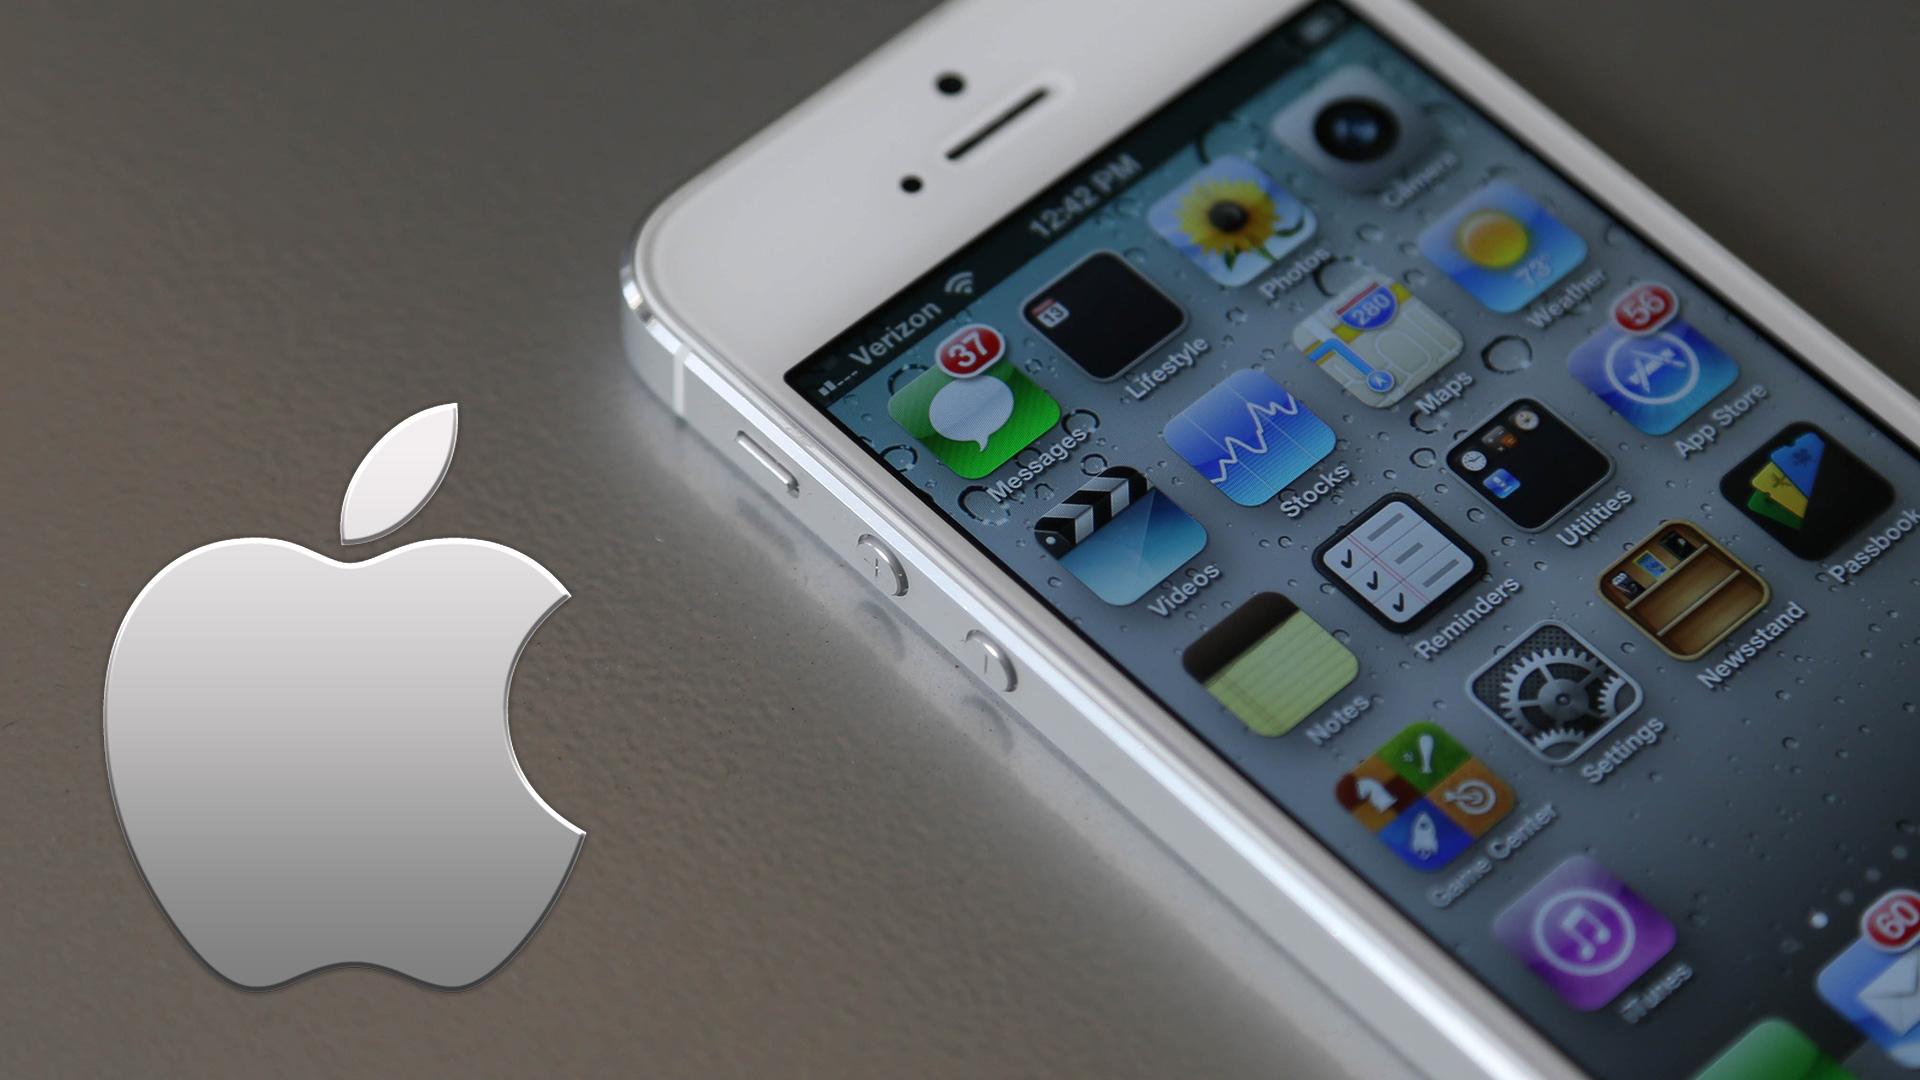 هواتف الايفون تنتهك براءات اختراع